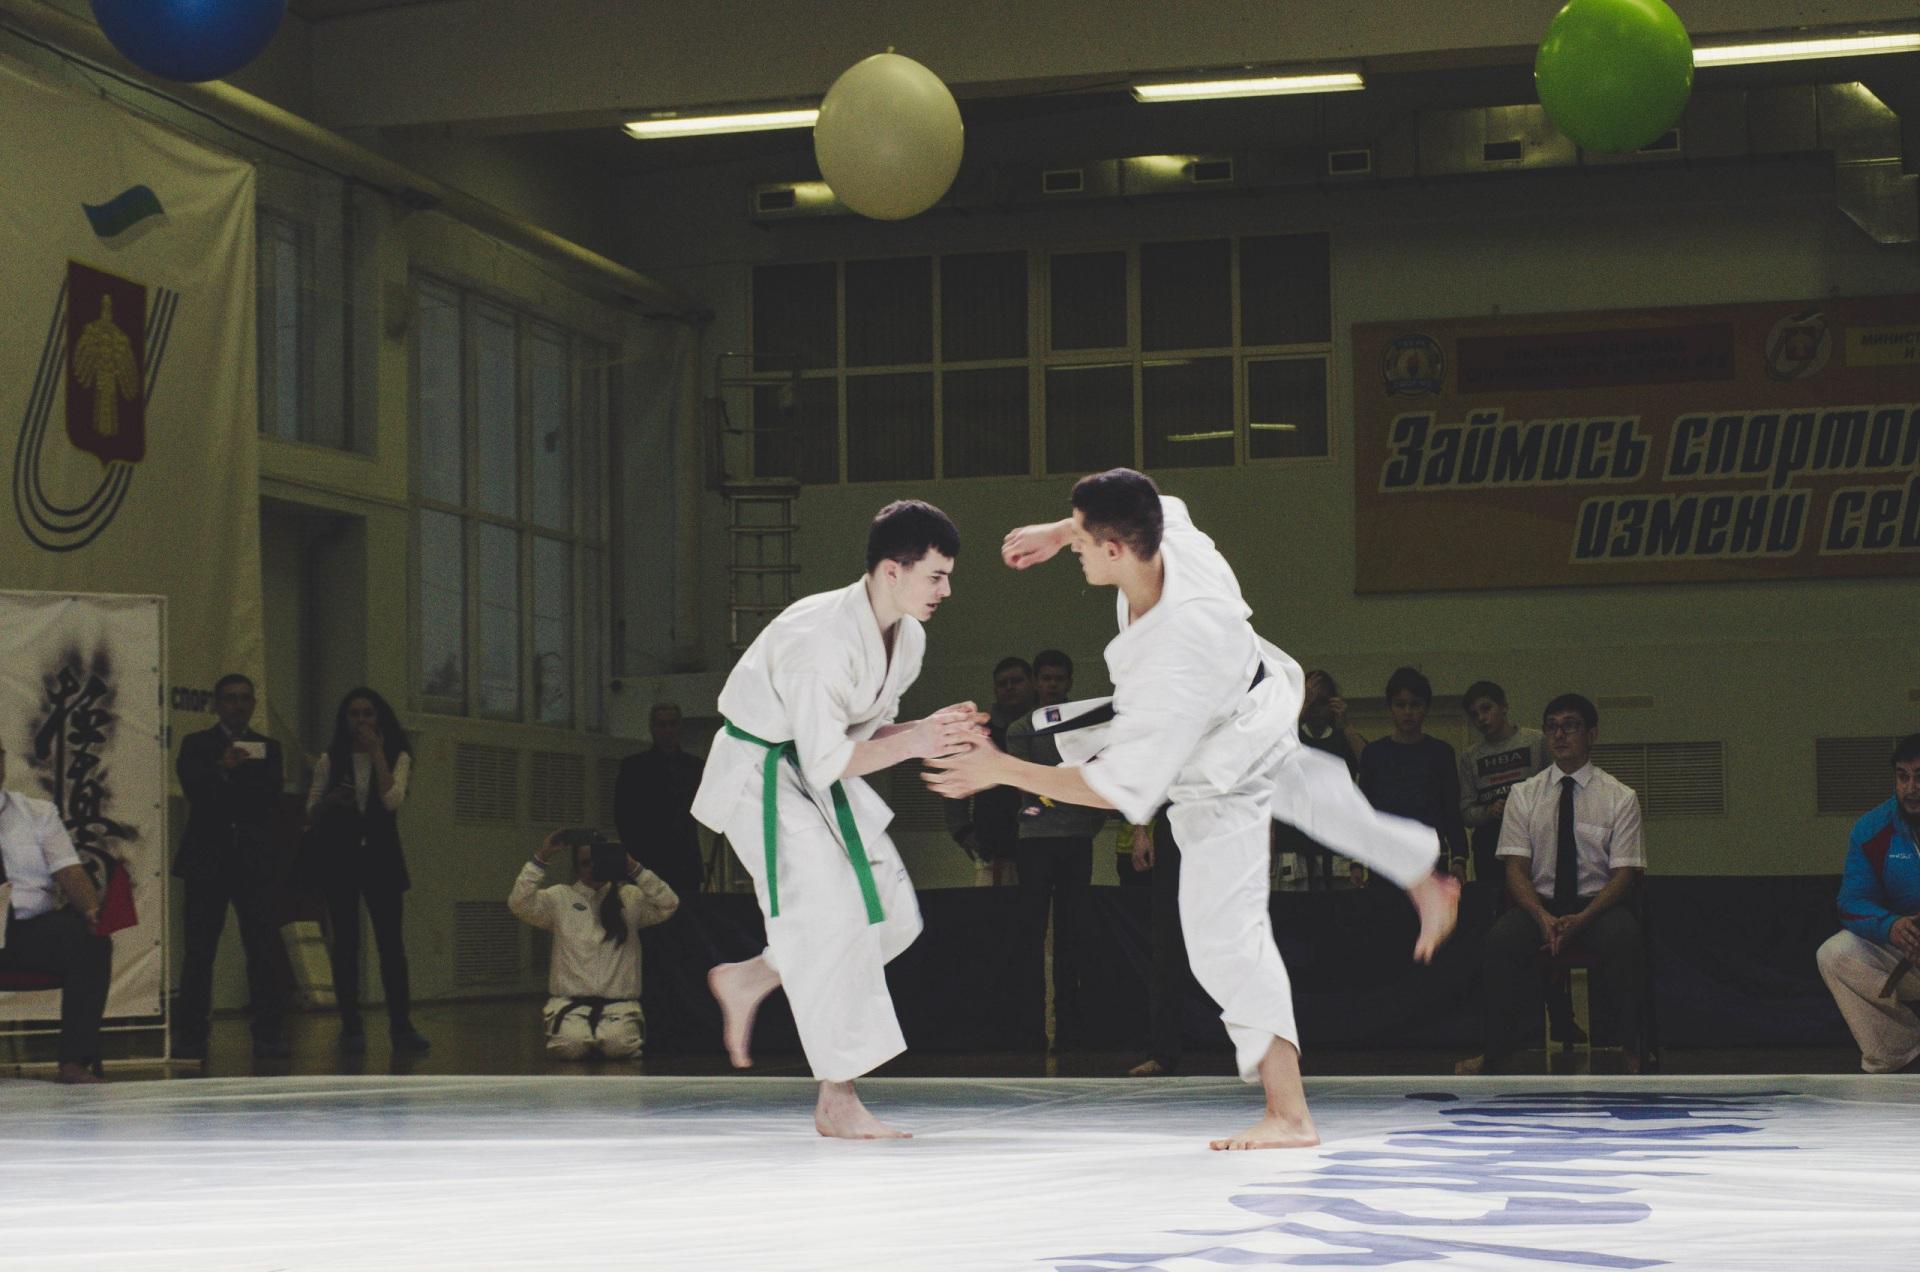 В Сыктывкаре определились участники Чемпионата России по киокусинкай